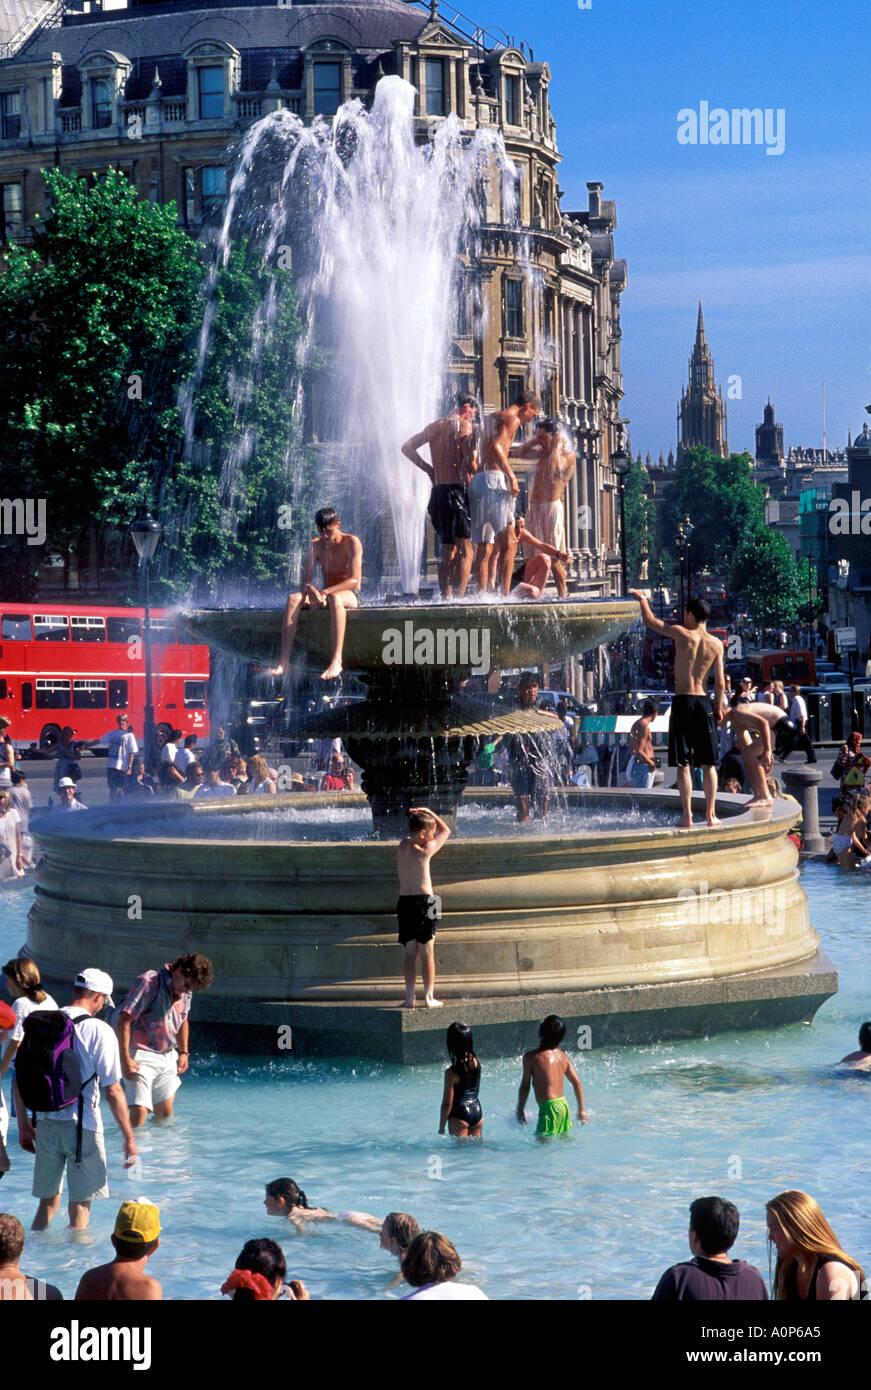 Canicule à Trafalgar Square London Photo Stock